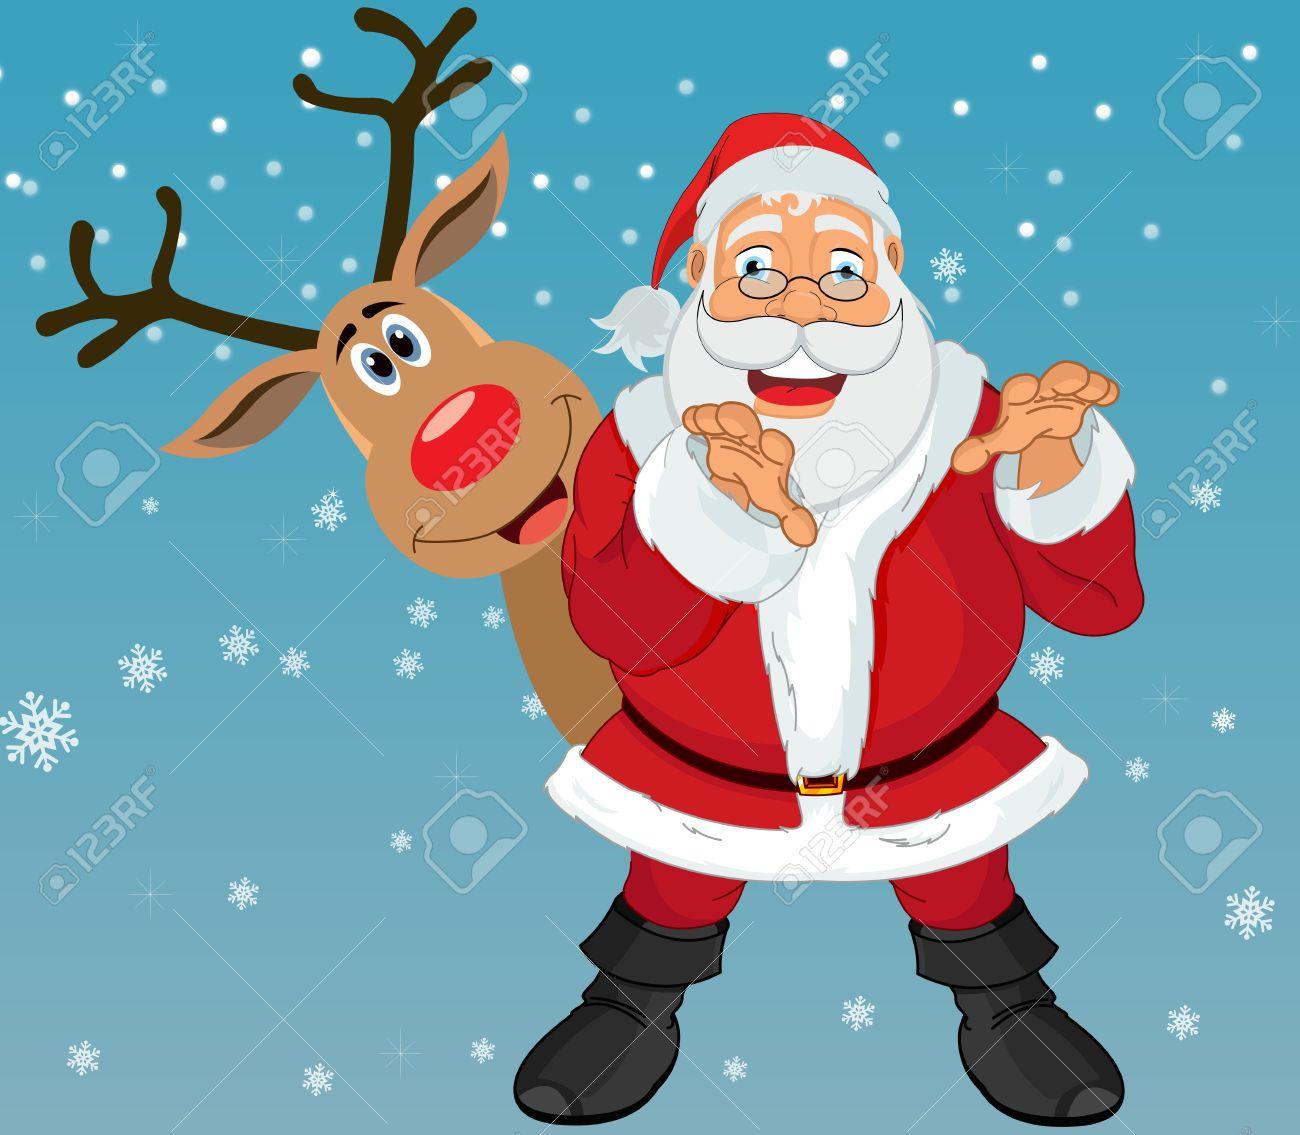 Santa Claus & reindeers wallpaper 2018